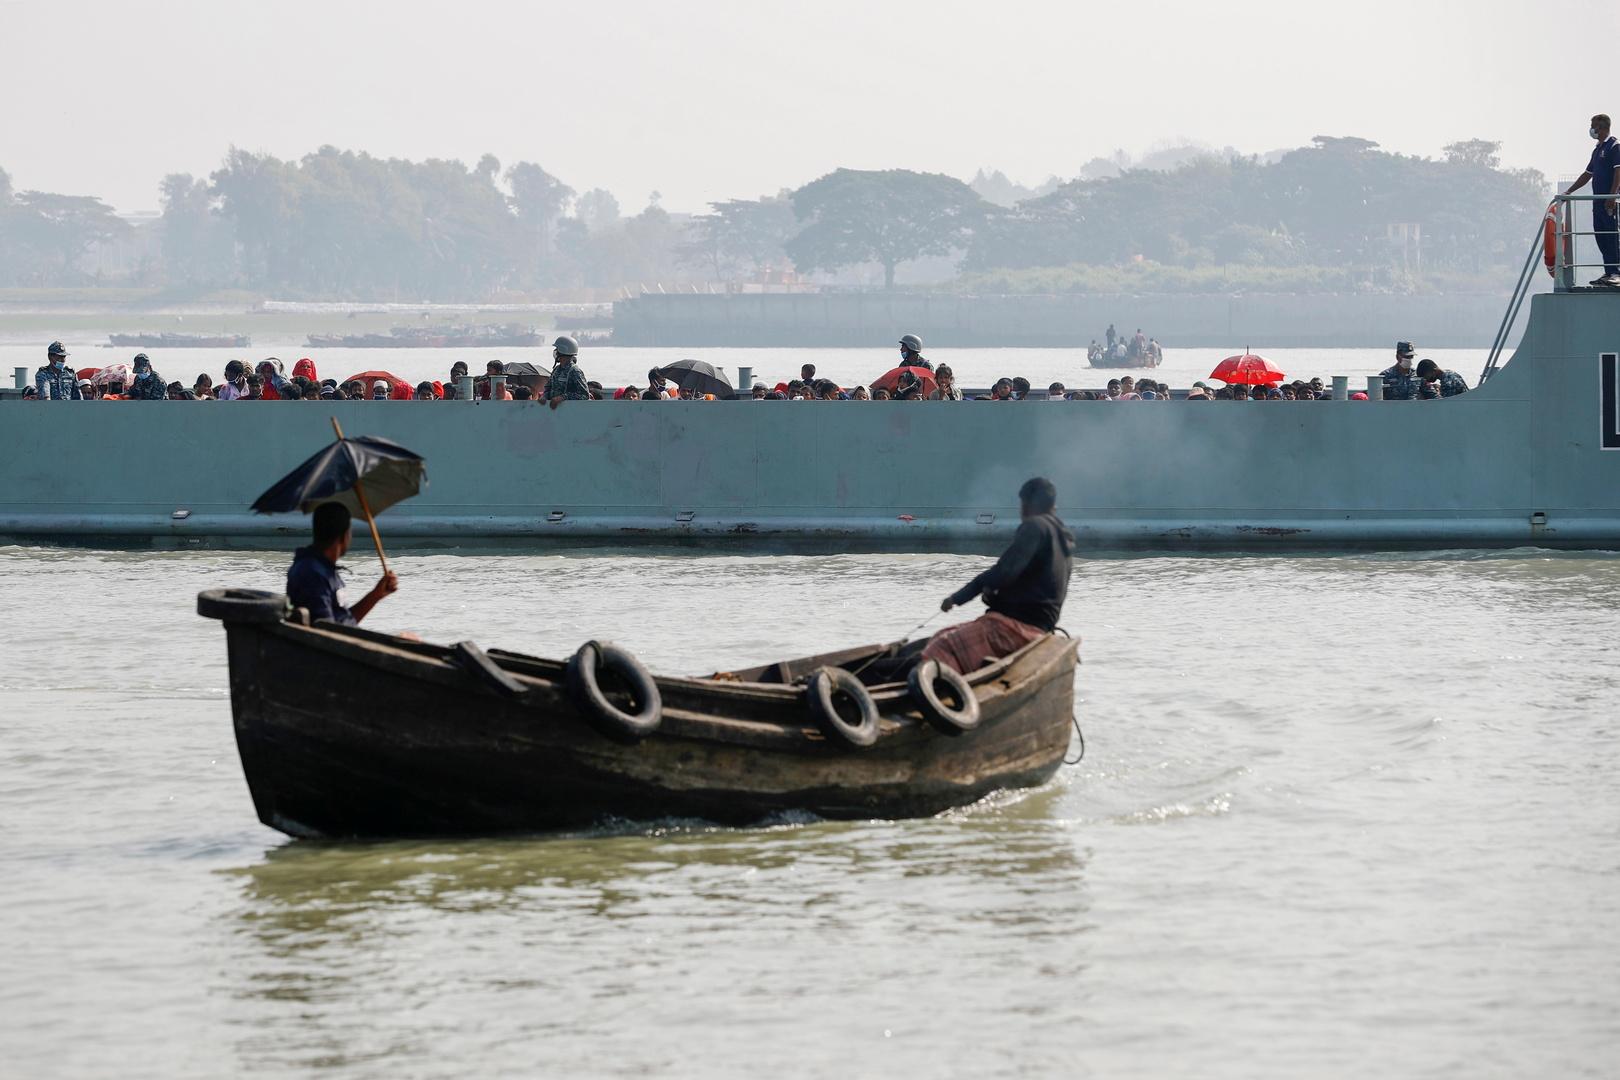 مسؤولون يؤكدون أن بنغلادش تستعد لنقل دفعة ثانية من لاجئي الروهينغا إلى جزيرة نائية